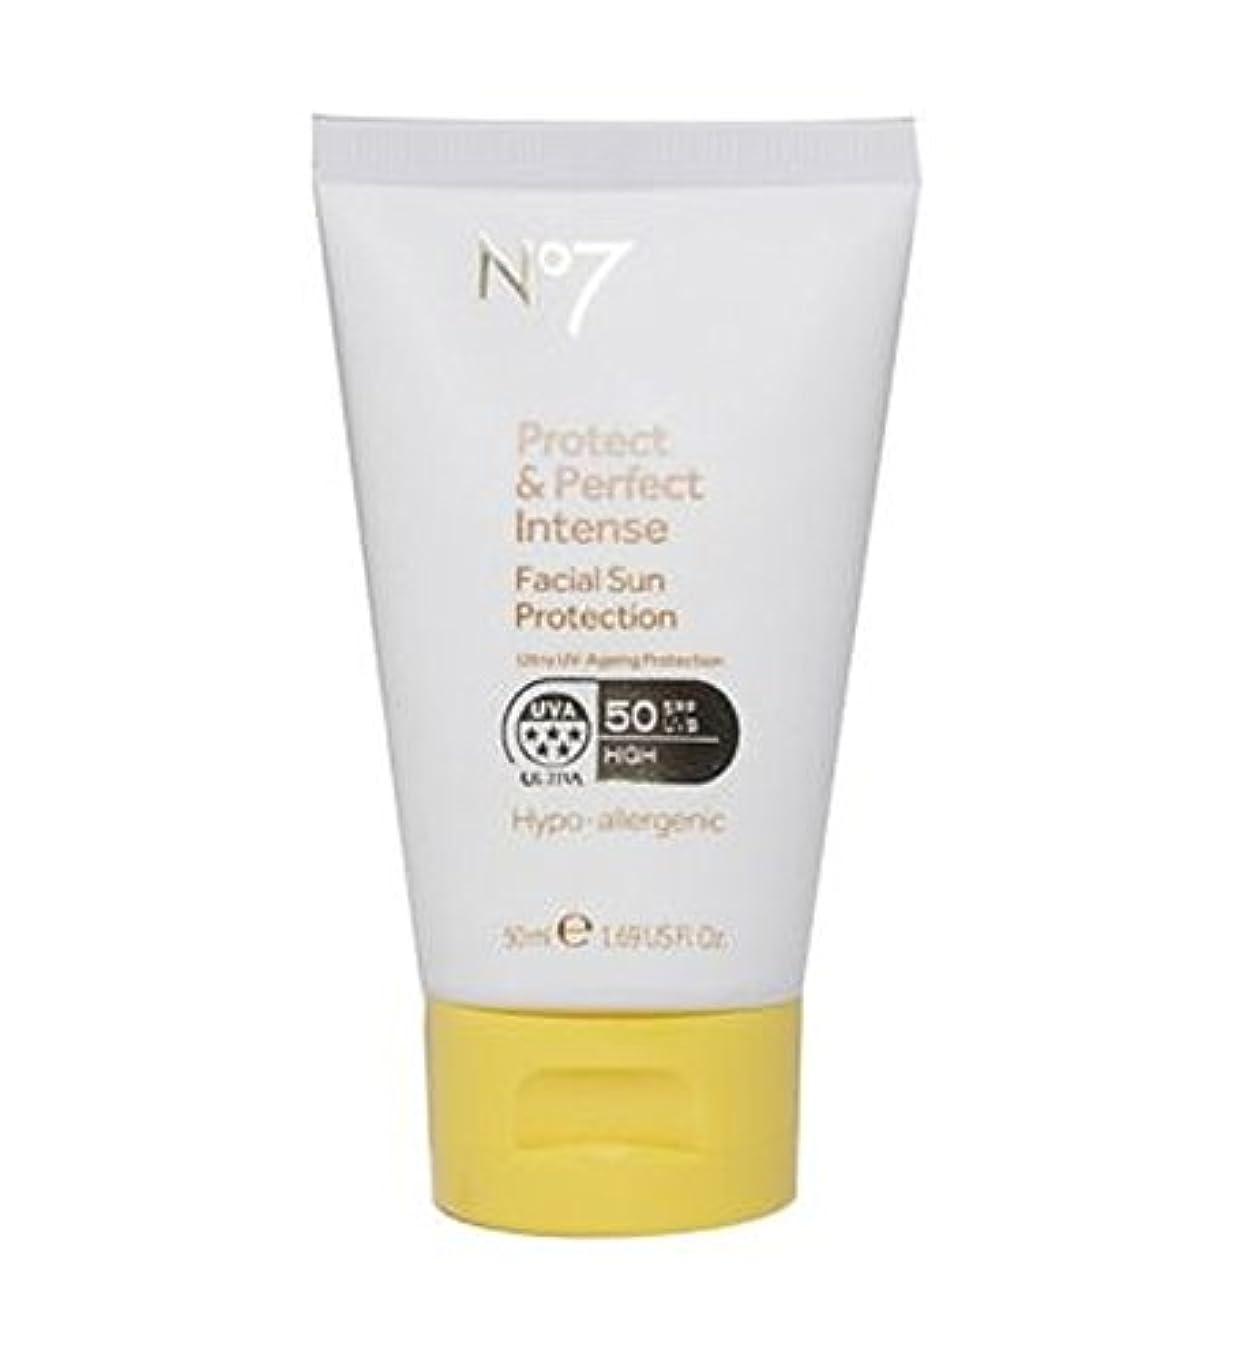 薄暗い男らしさ値下げNo7保護&完璧な強烈な顔の日焼け防止Spf 50 50ミリリットル (No7) (x2) - No7 Protect & Perfect Intense Facial Sun Protection SPF 50 50ml...